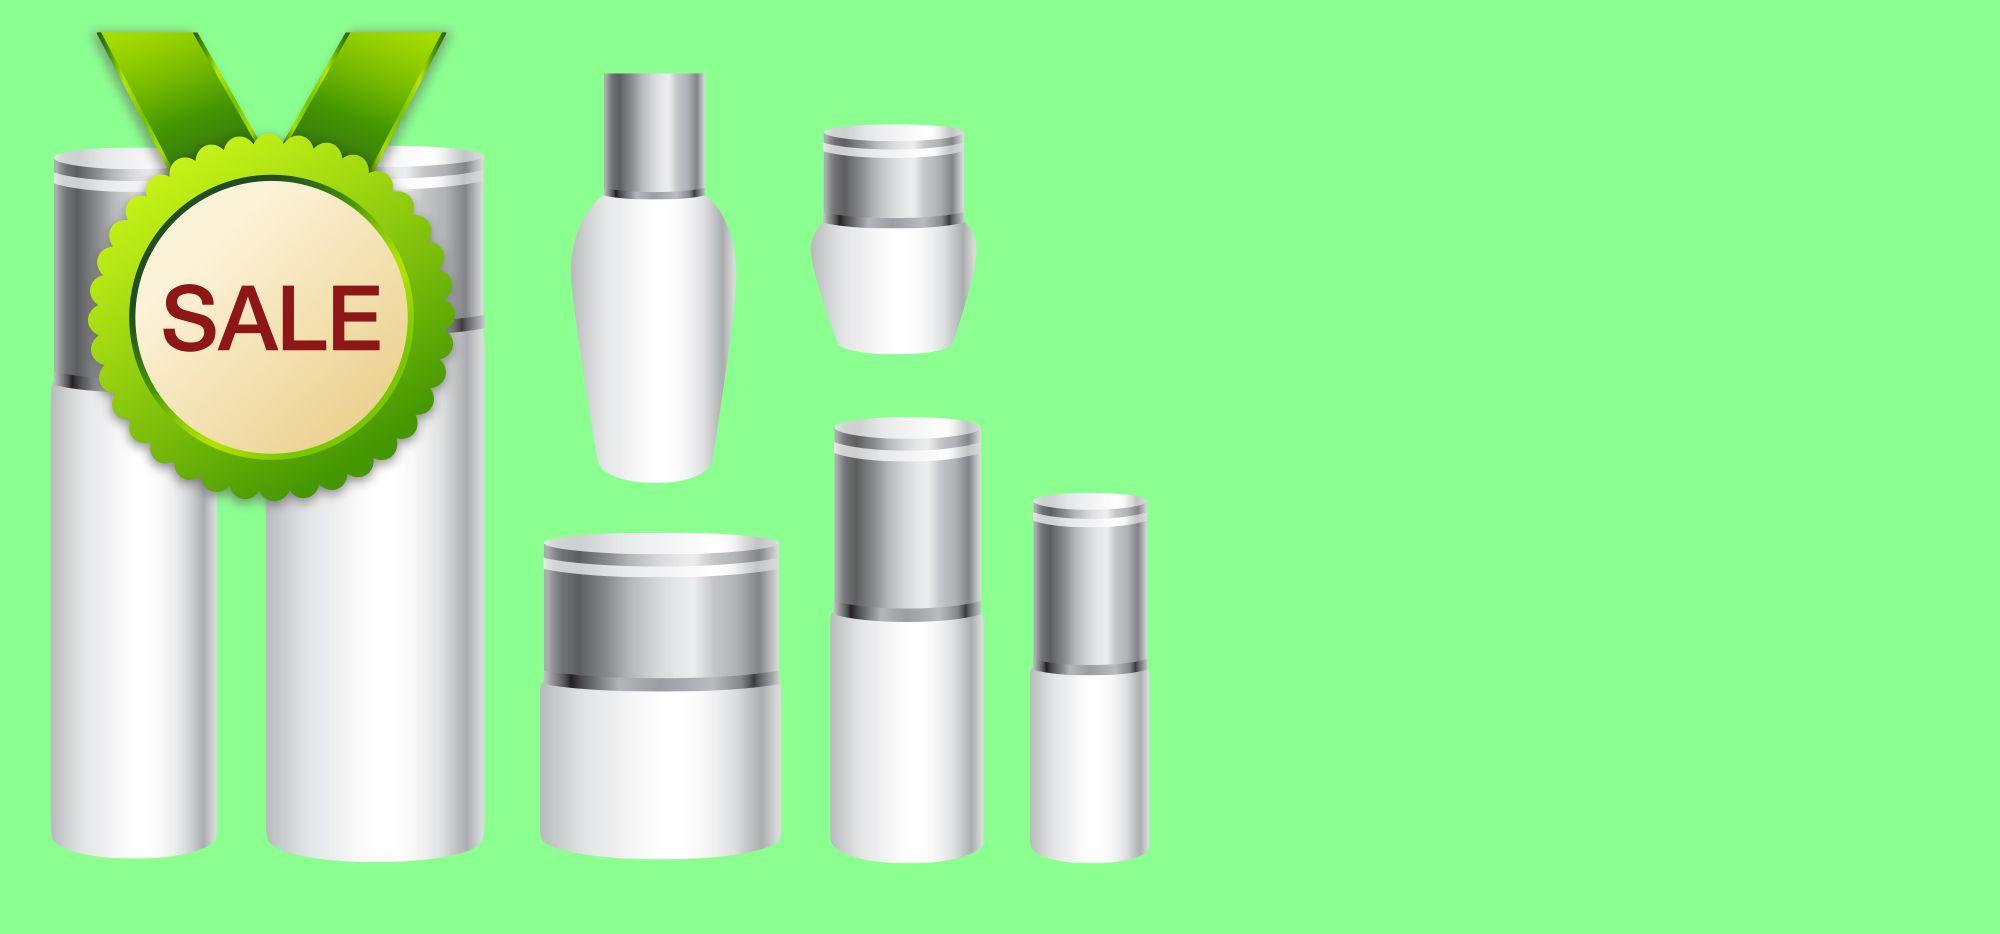 خلفيات جاهزة لتصميم الاعلانات مفتوحة المصدر Psd 11 Psd Background Design Eyeliner